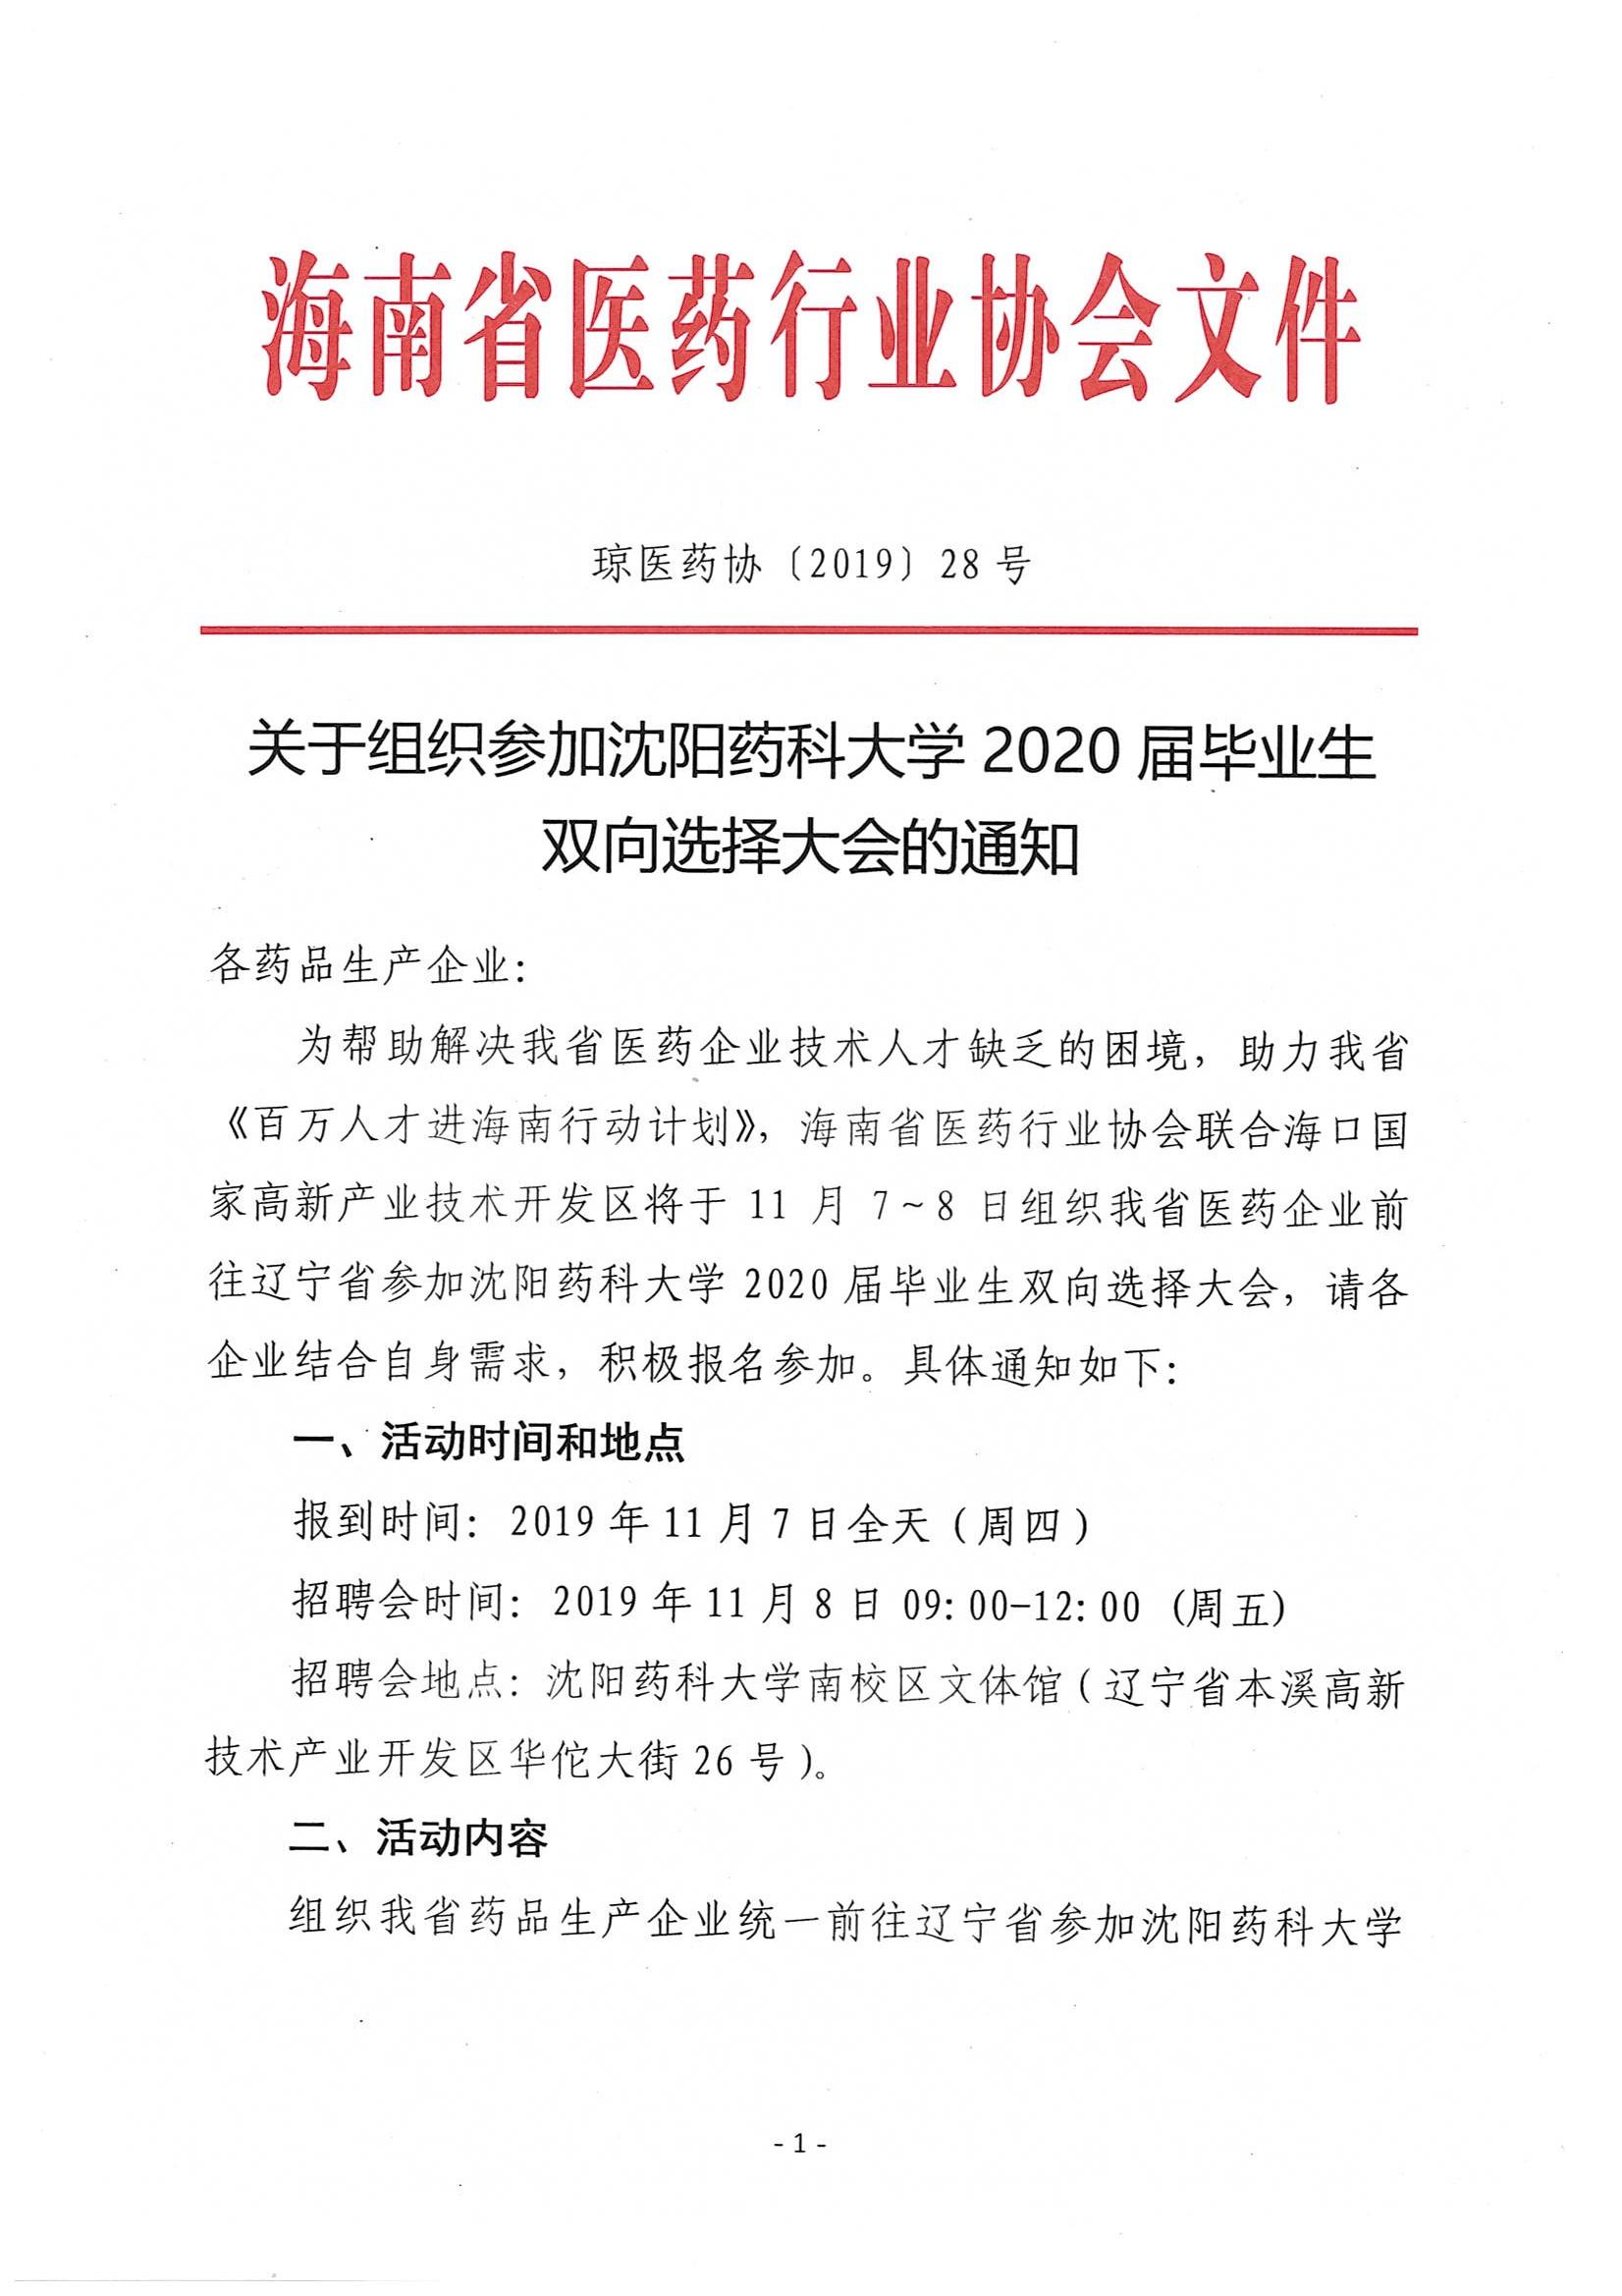 万博manbetx客戶端下载组织参加沈阳药科大学2020届毕业生双向选择大会的通知(1)(1)_页面_01